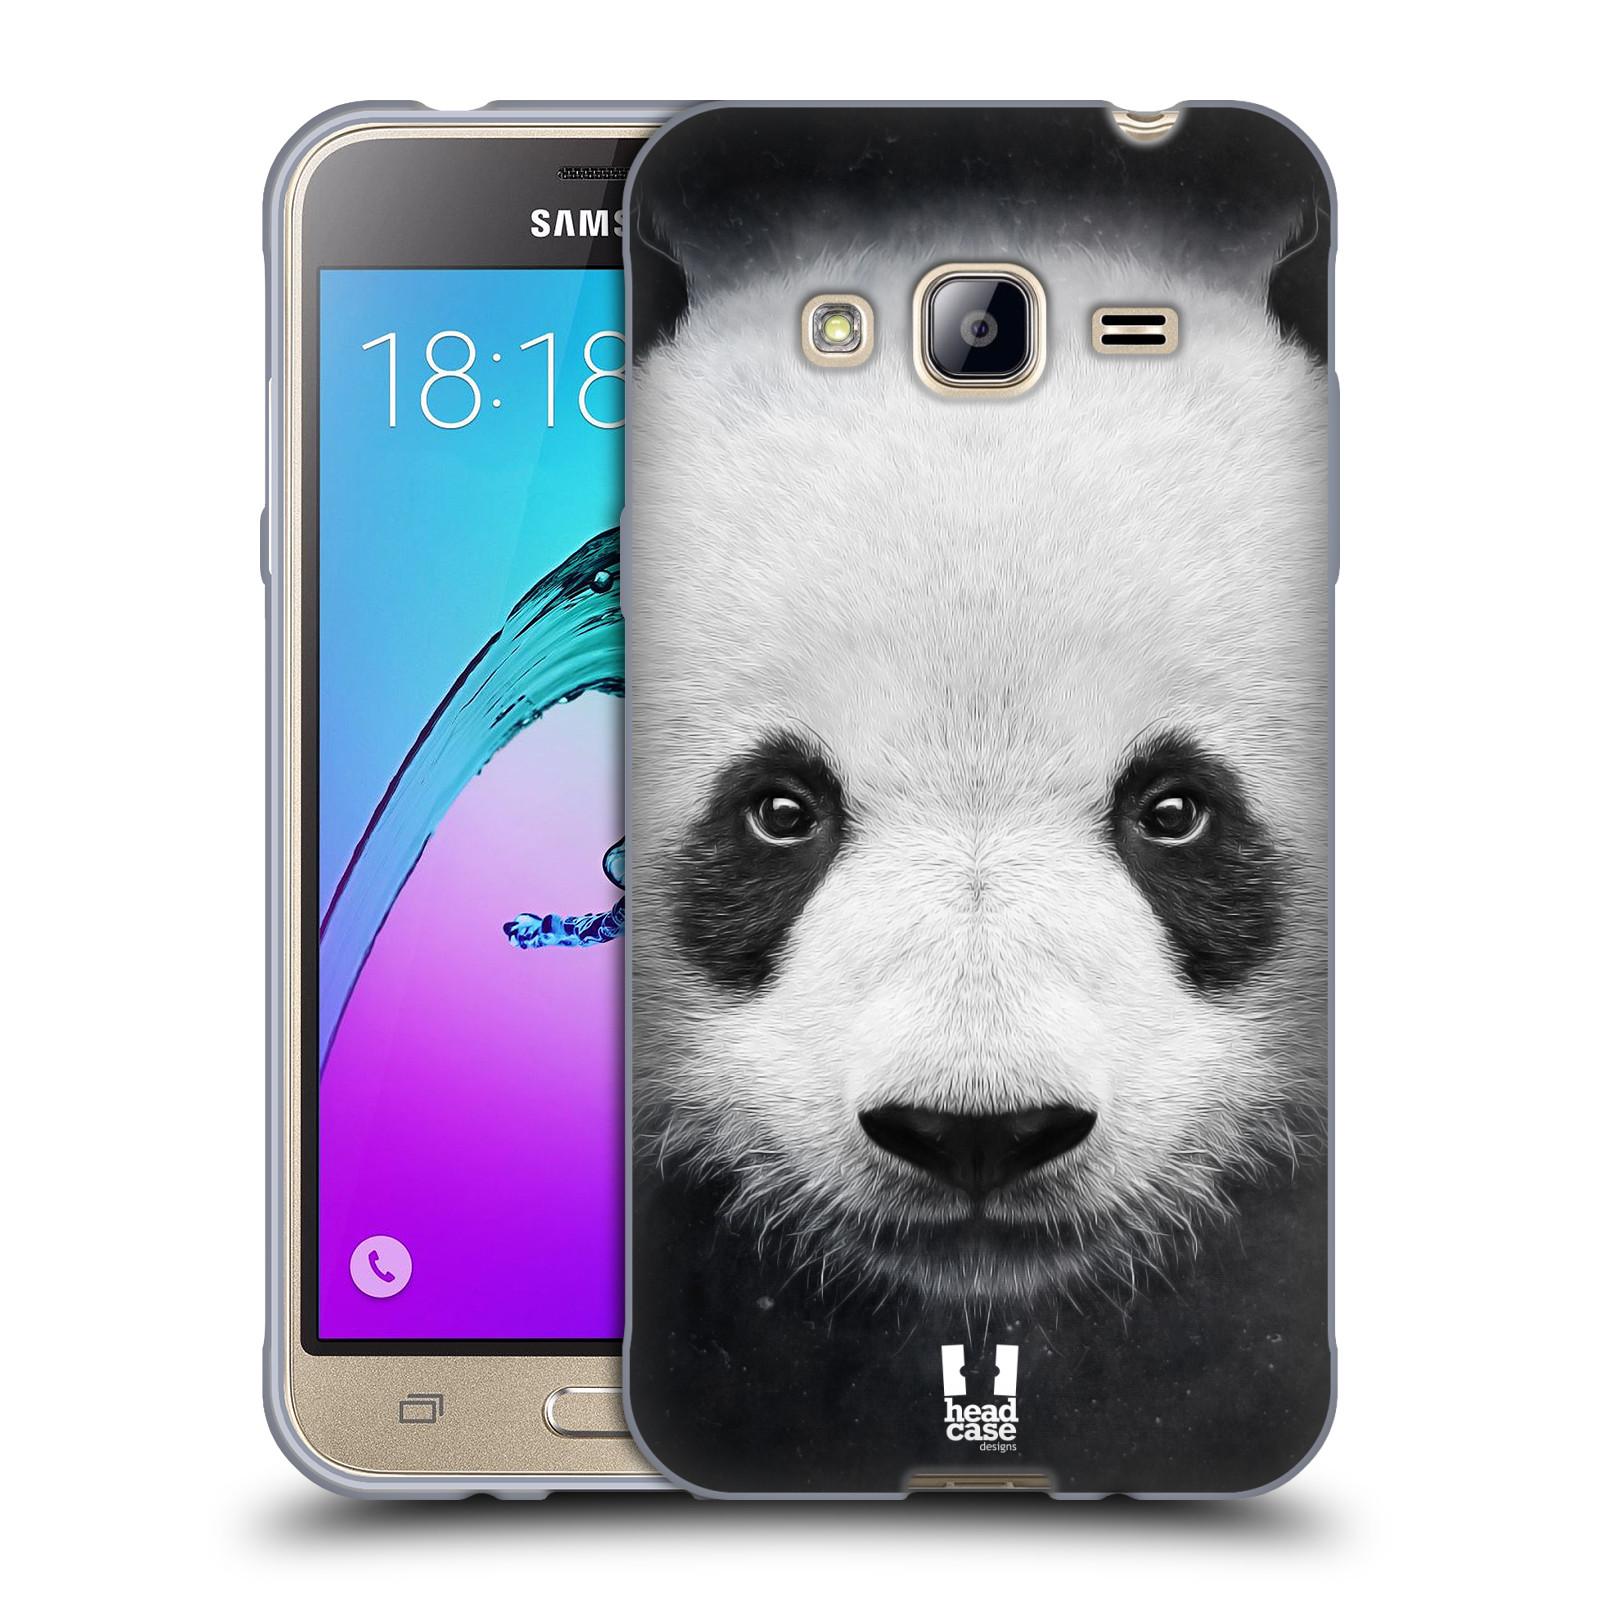 HEAD CASE silikonový obal na mobil Samsung Galaxy J3, J3 2016 vzor Zvířecí tváře medvěd panda